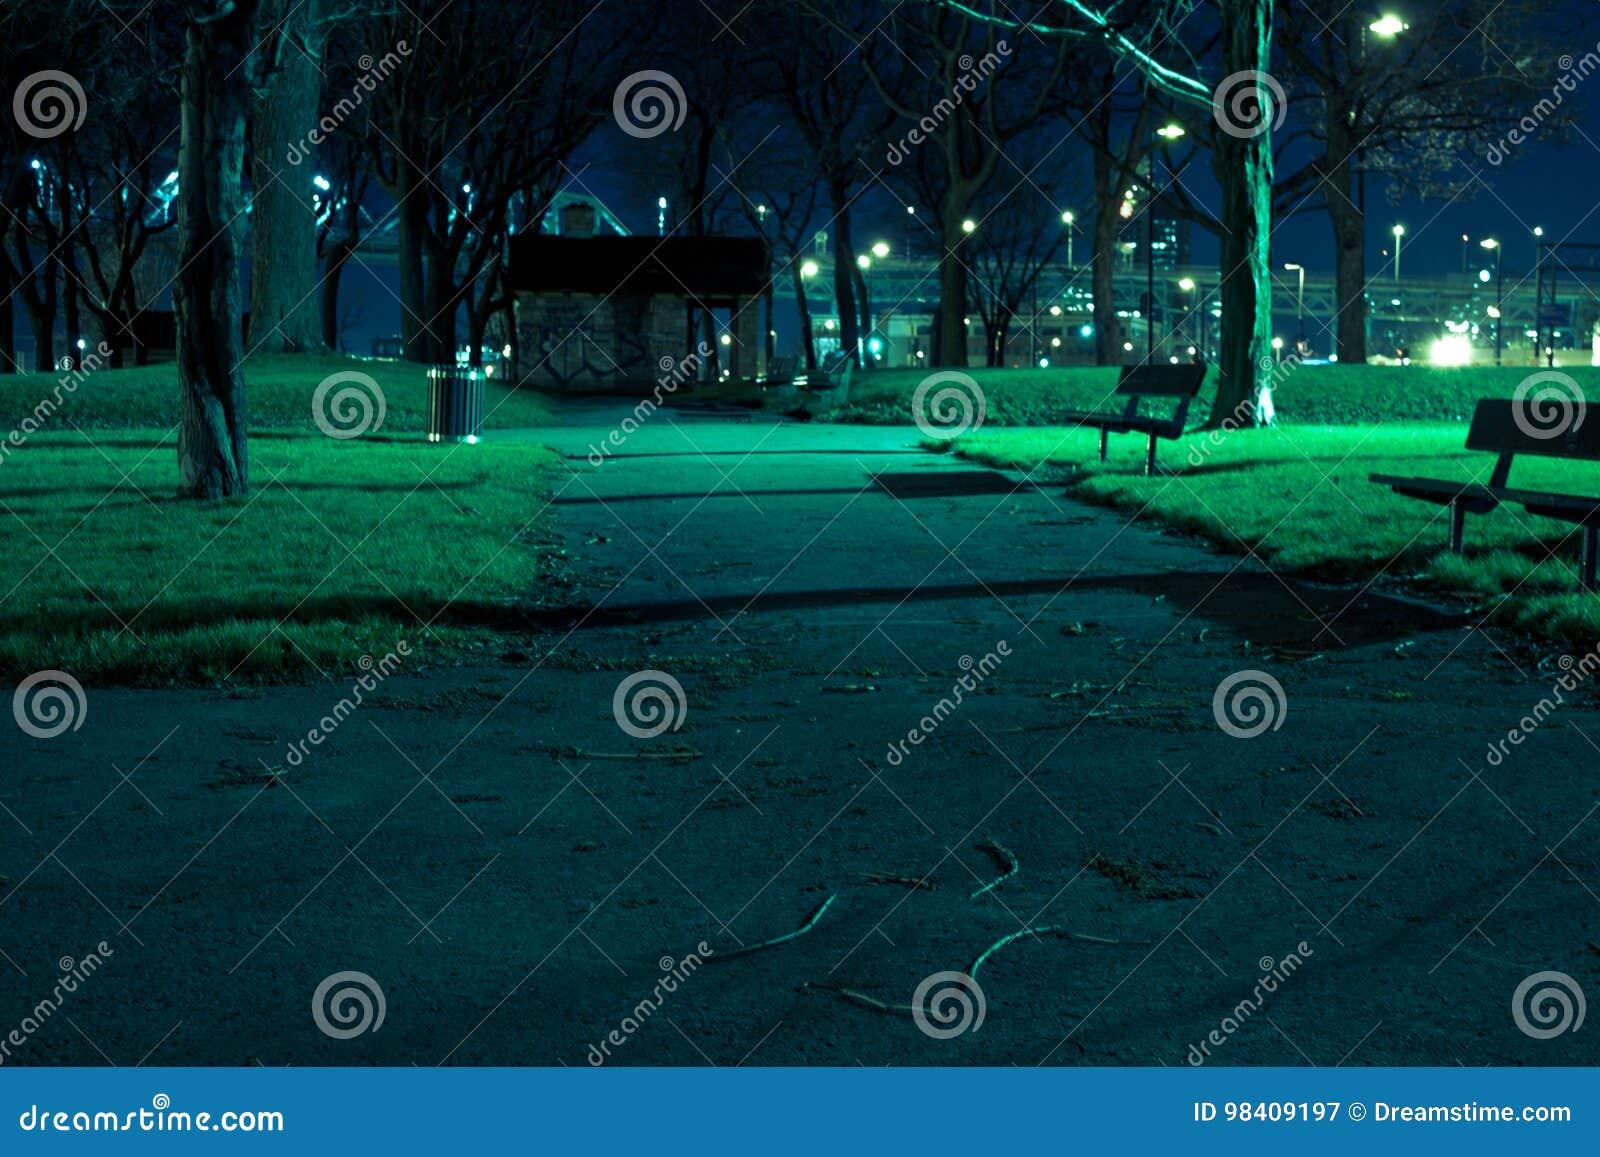 鬼的公园在晚上